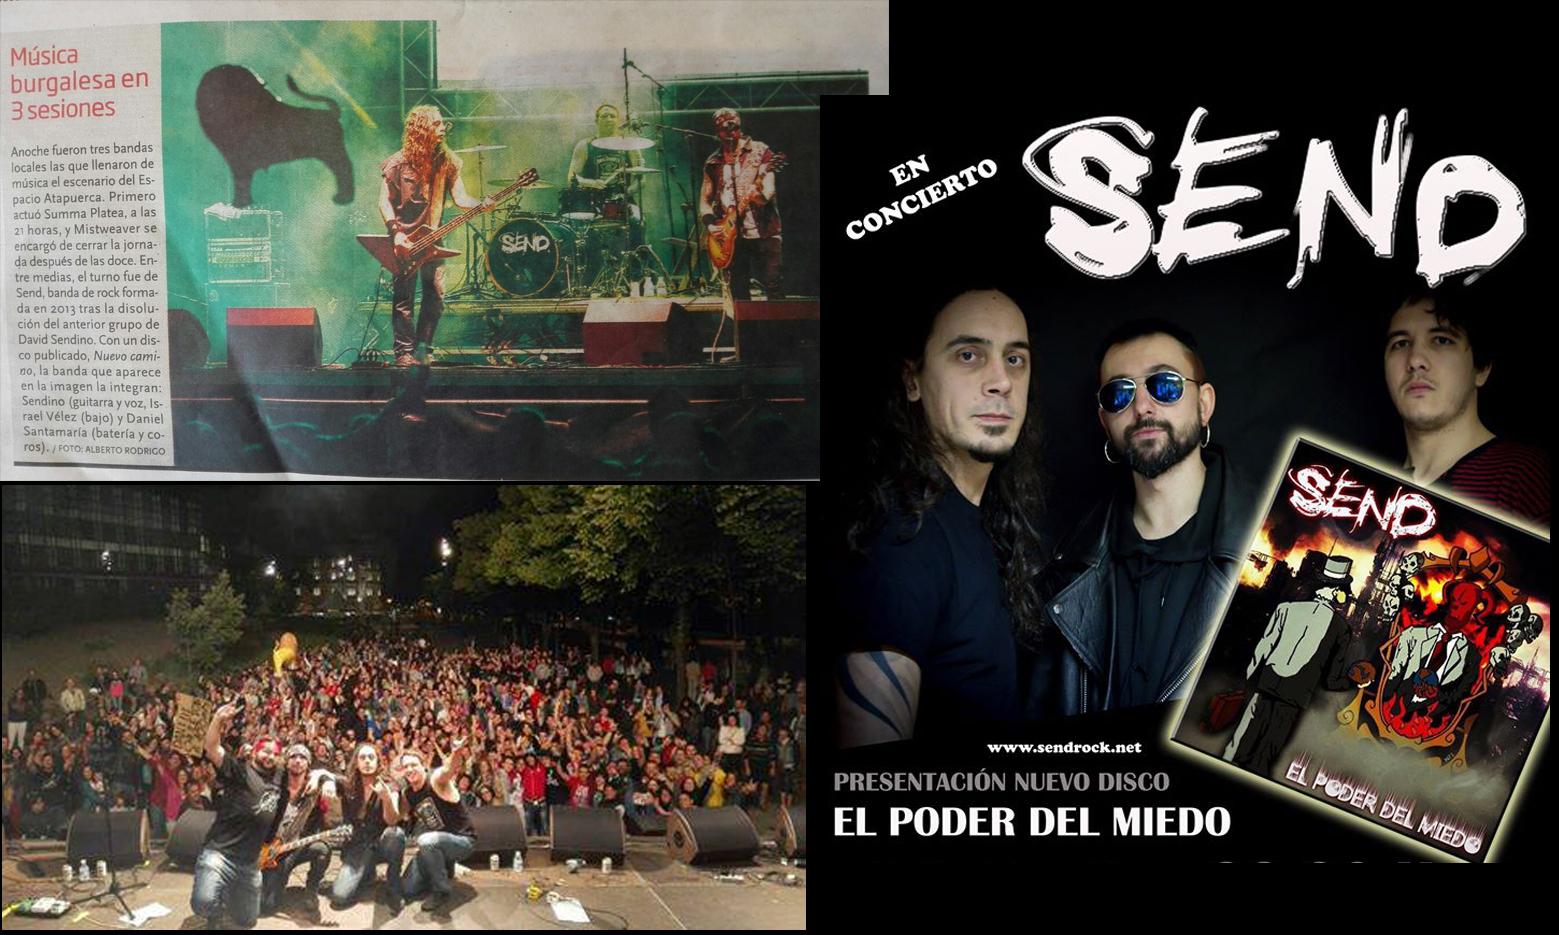 Send - Con Daniel Santamaría Portal (batería, nieto de Juanito)